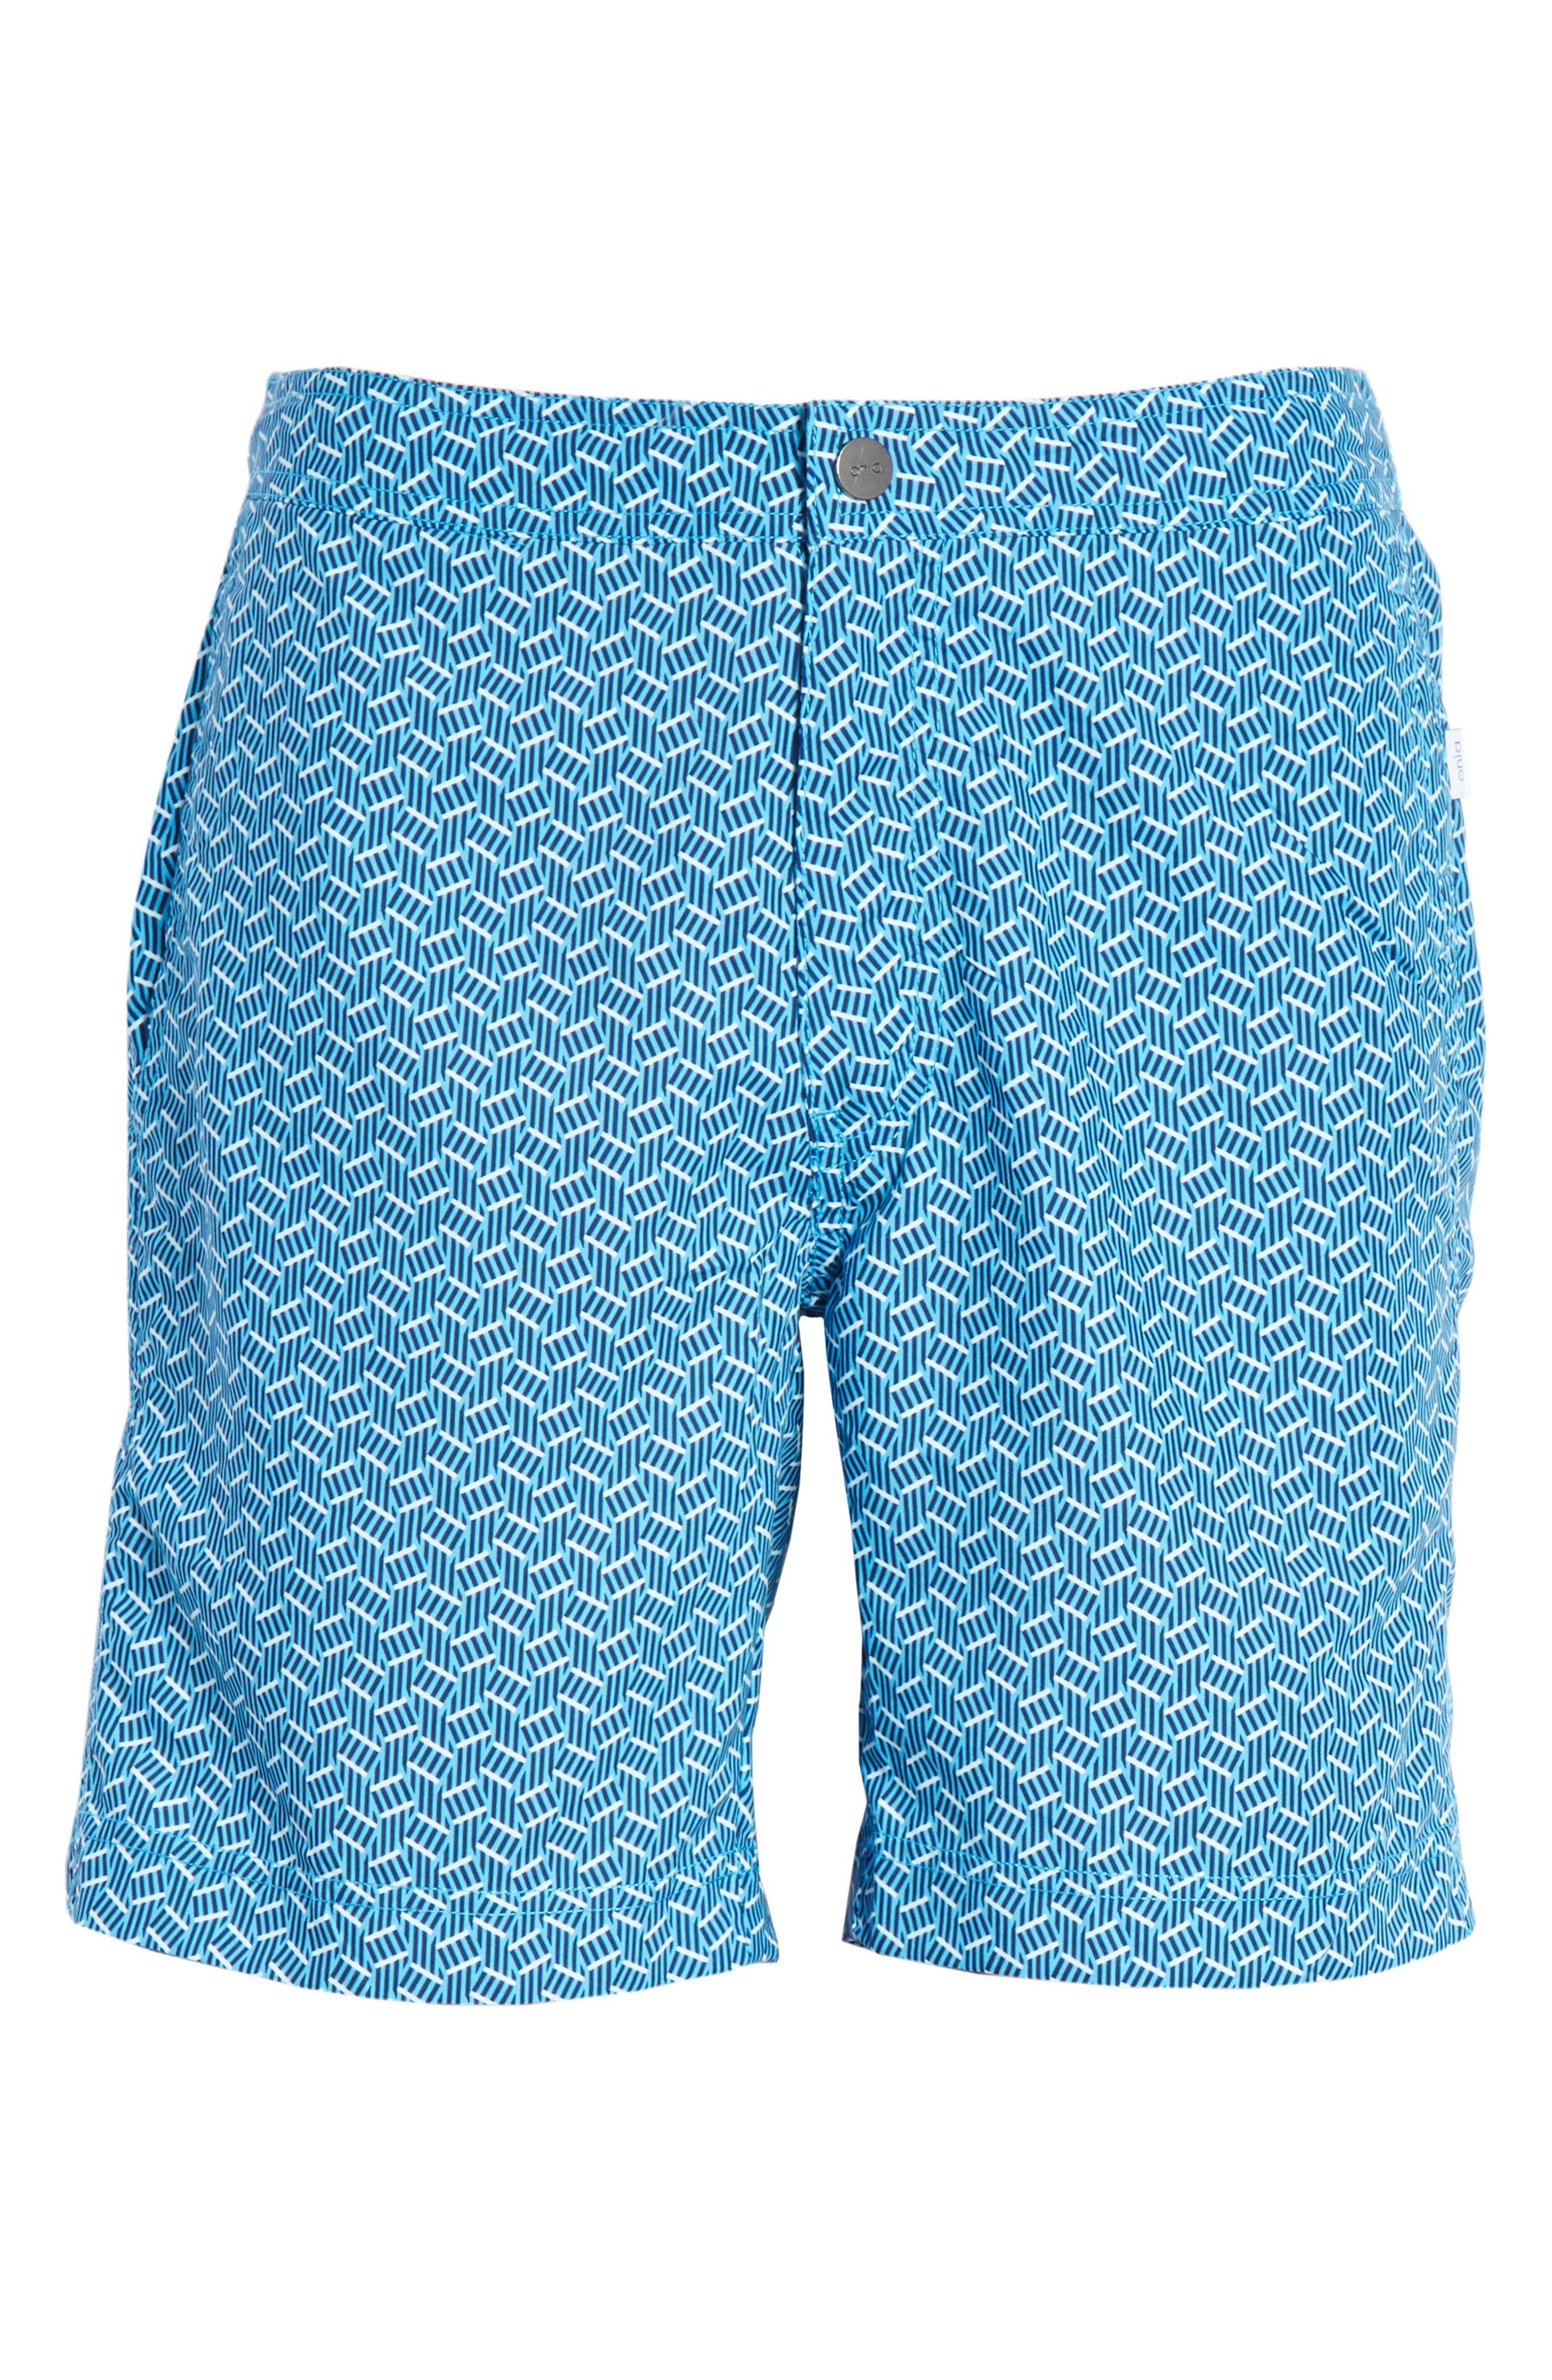 Calder Swim Trunks,                             Alternate thumbnail 6, color,                             POOL BLUE